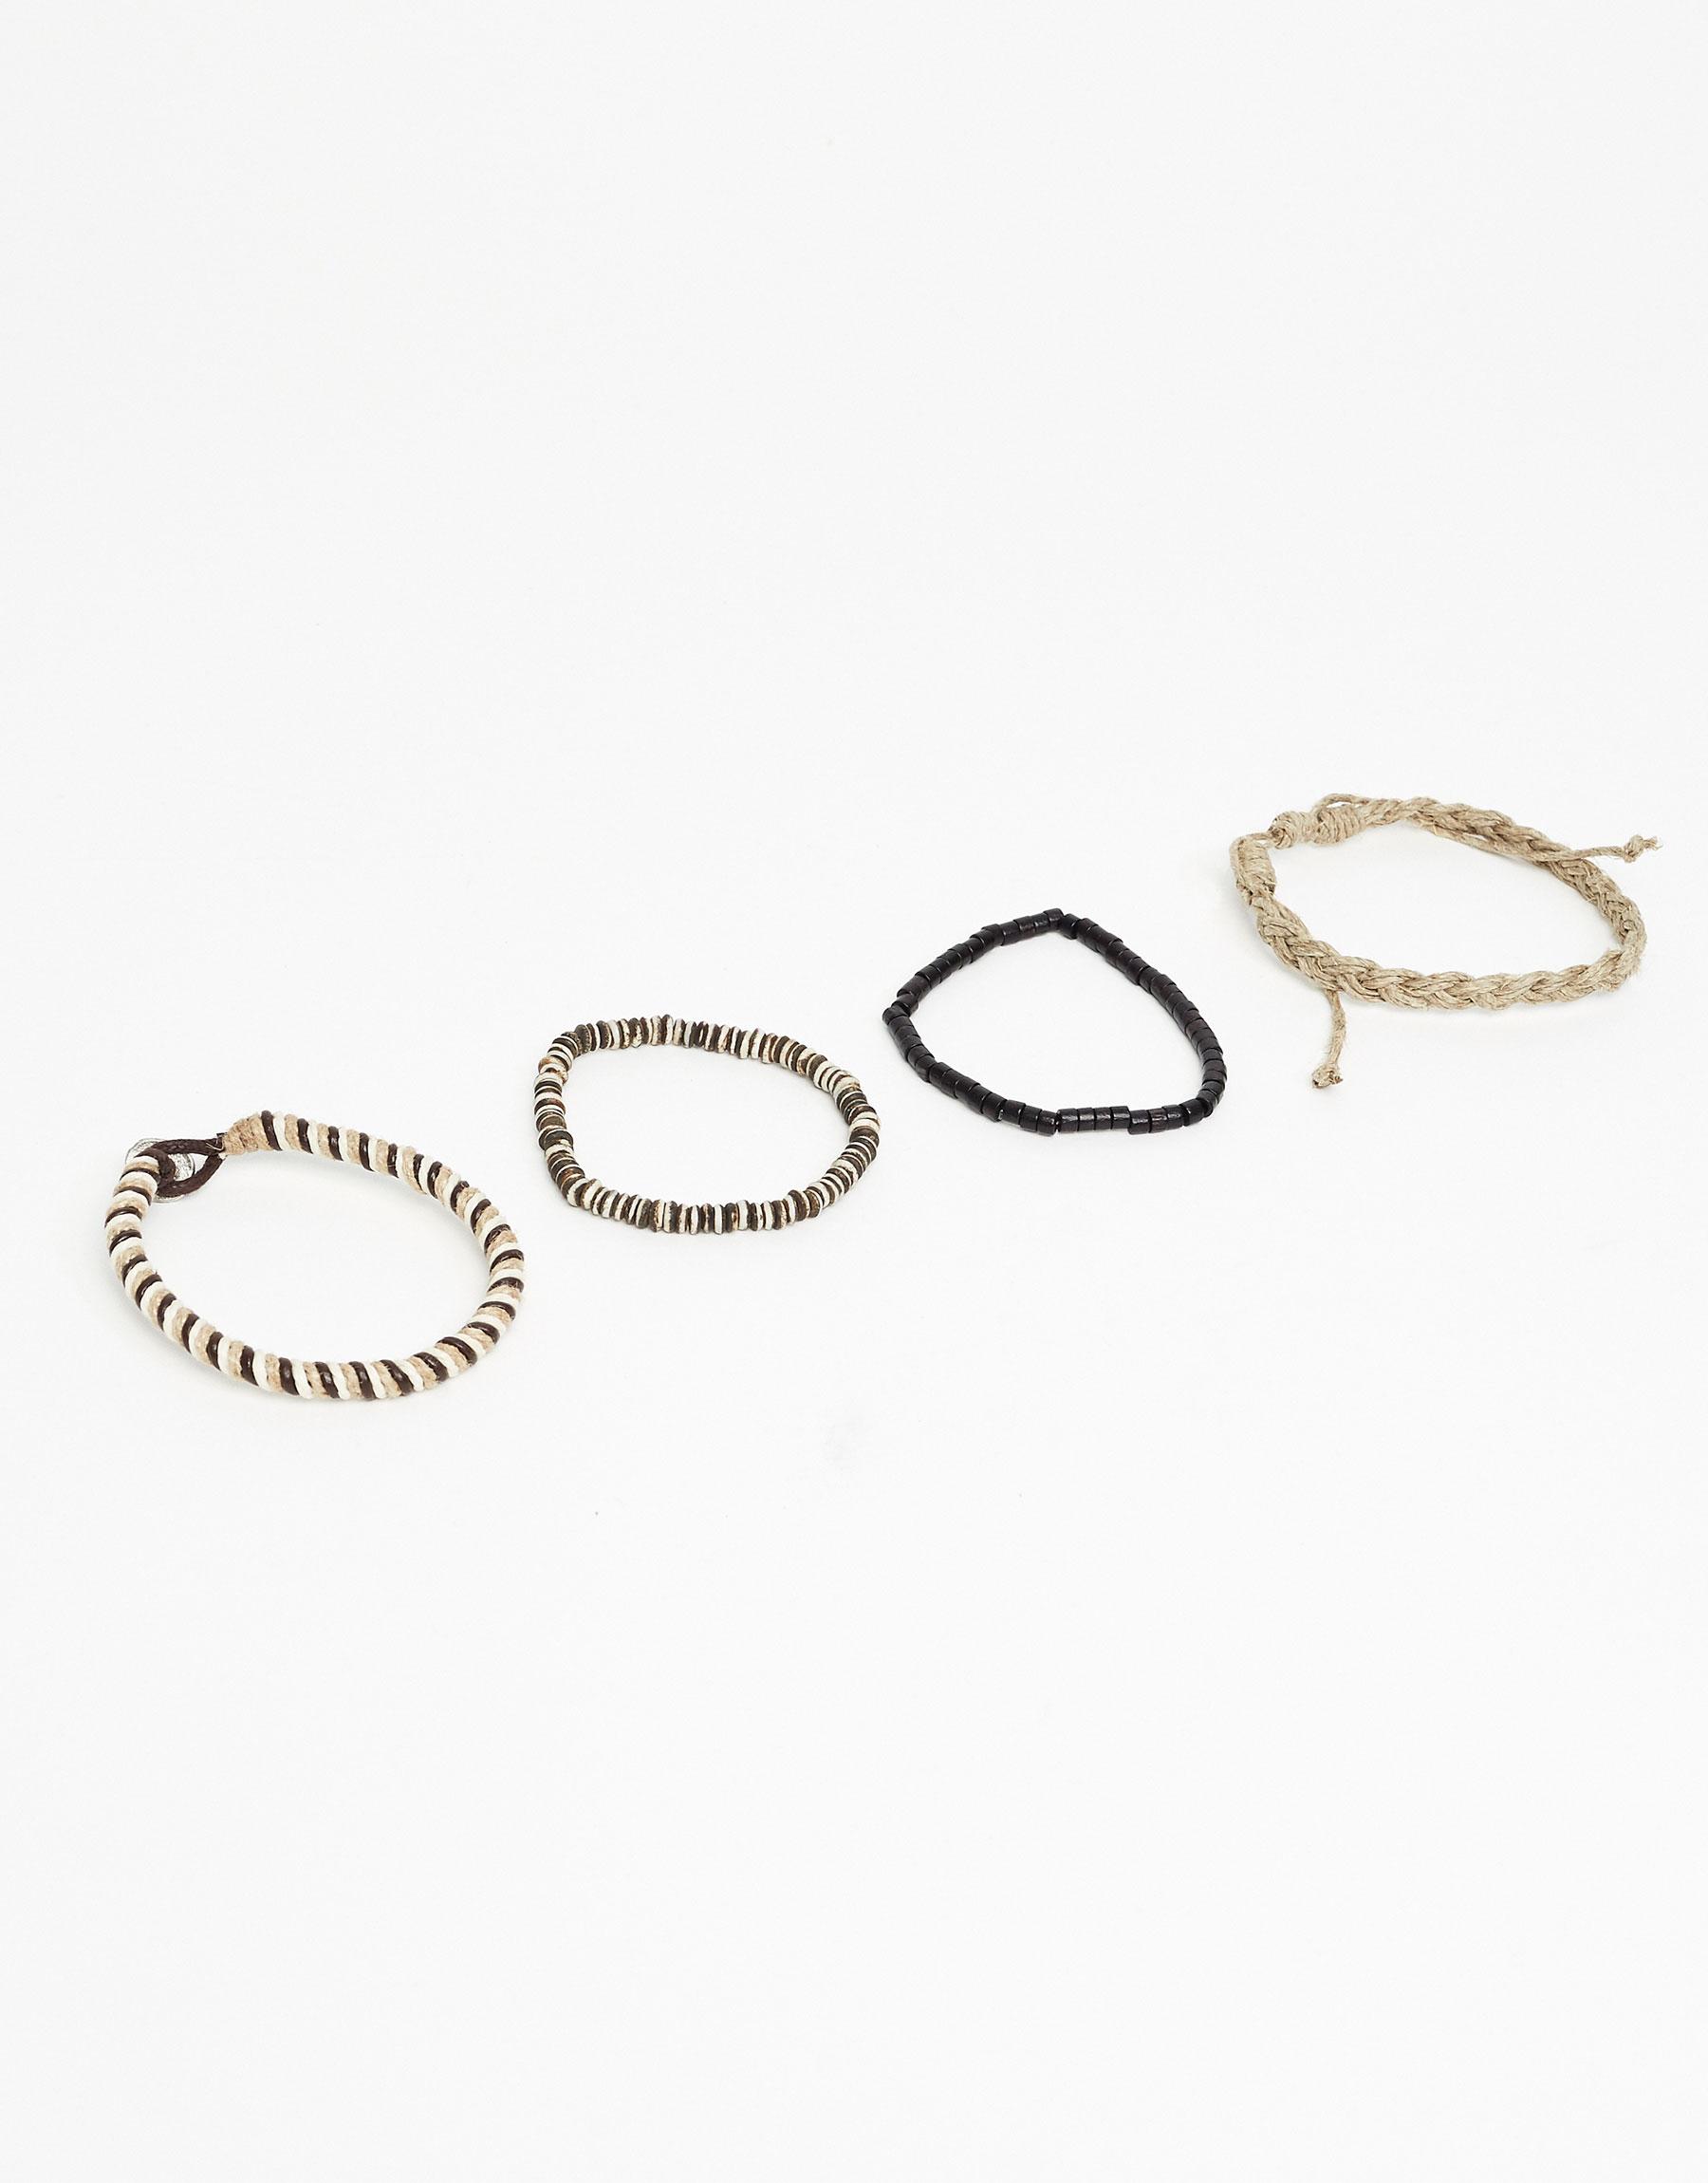 Armbänder mit Kordel